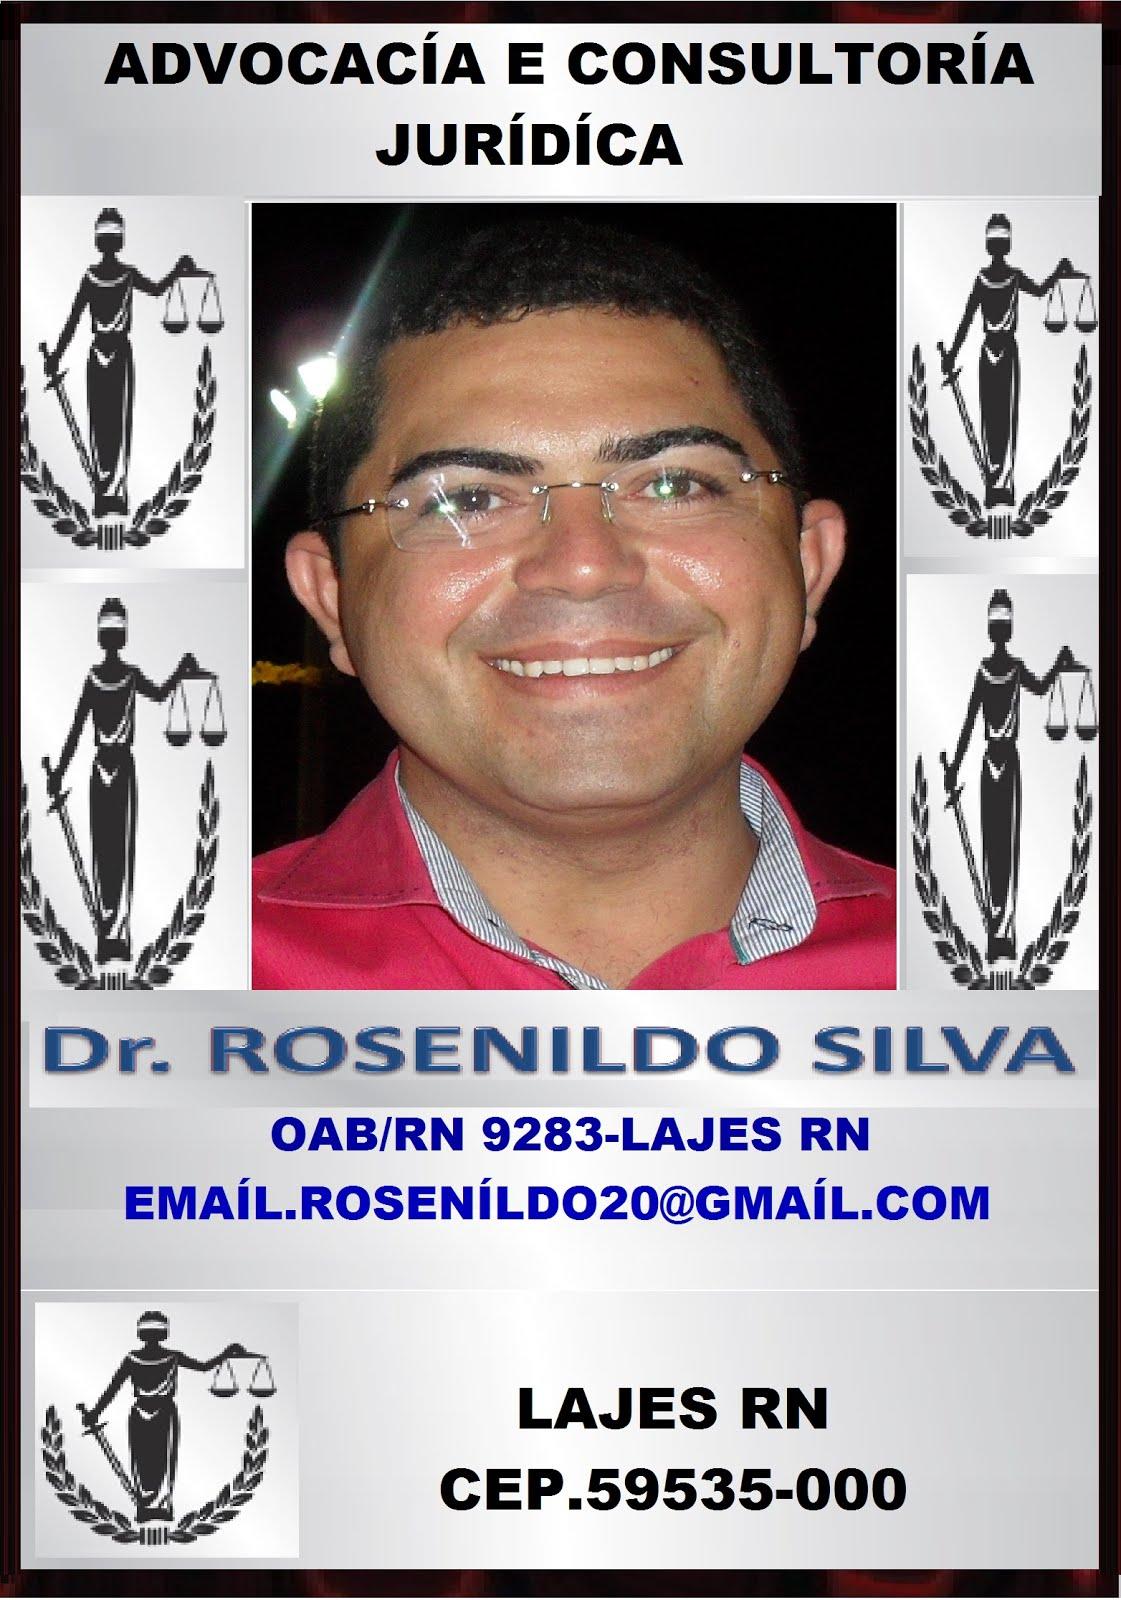 ADVOGADO DR ROSENILDO SILVA LAJES RN